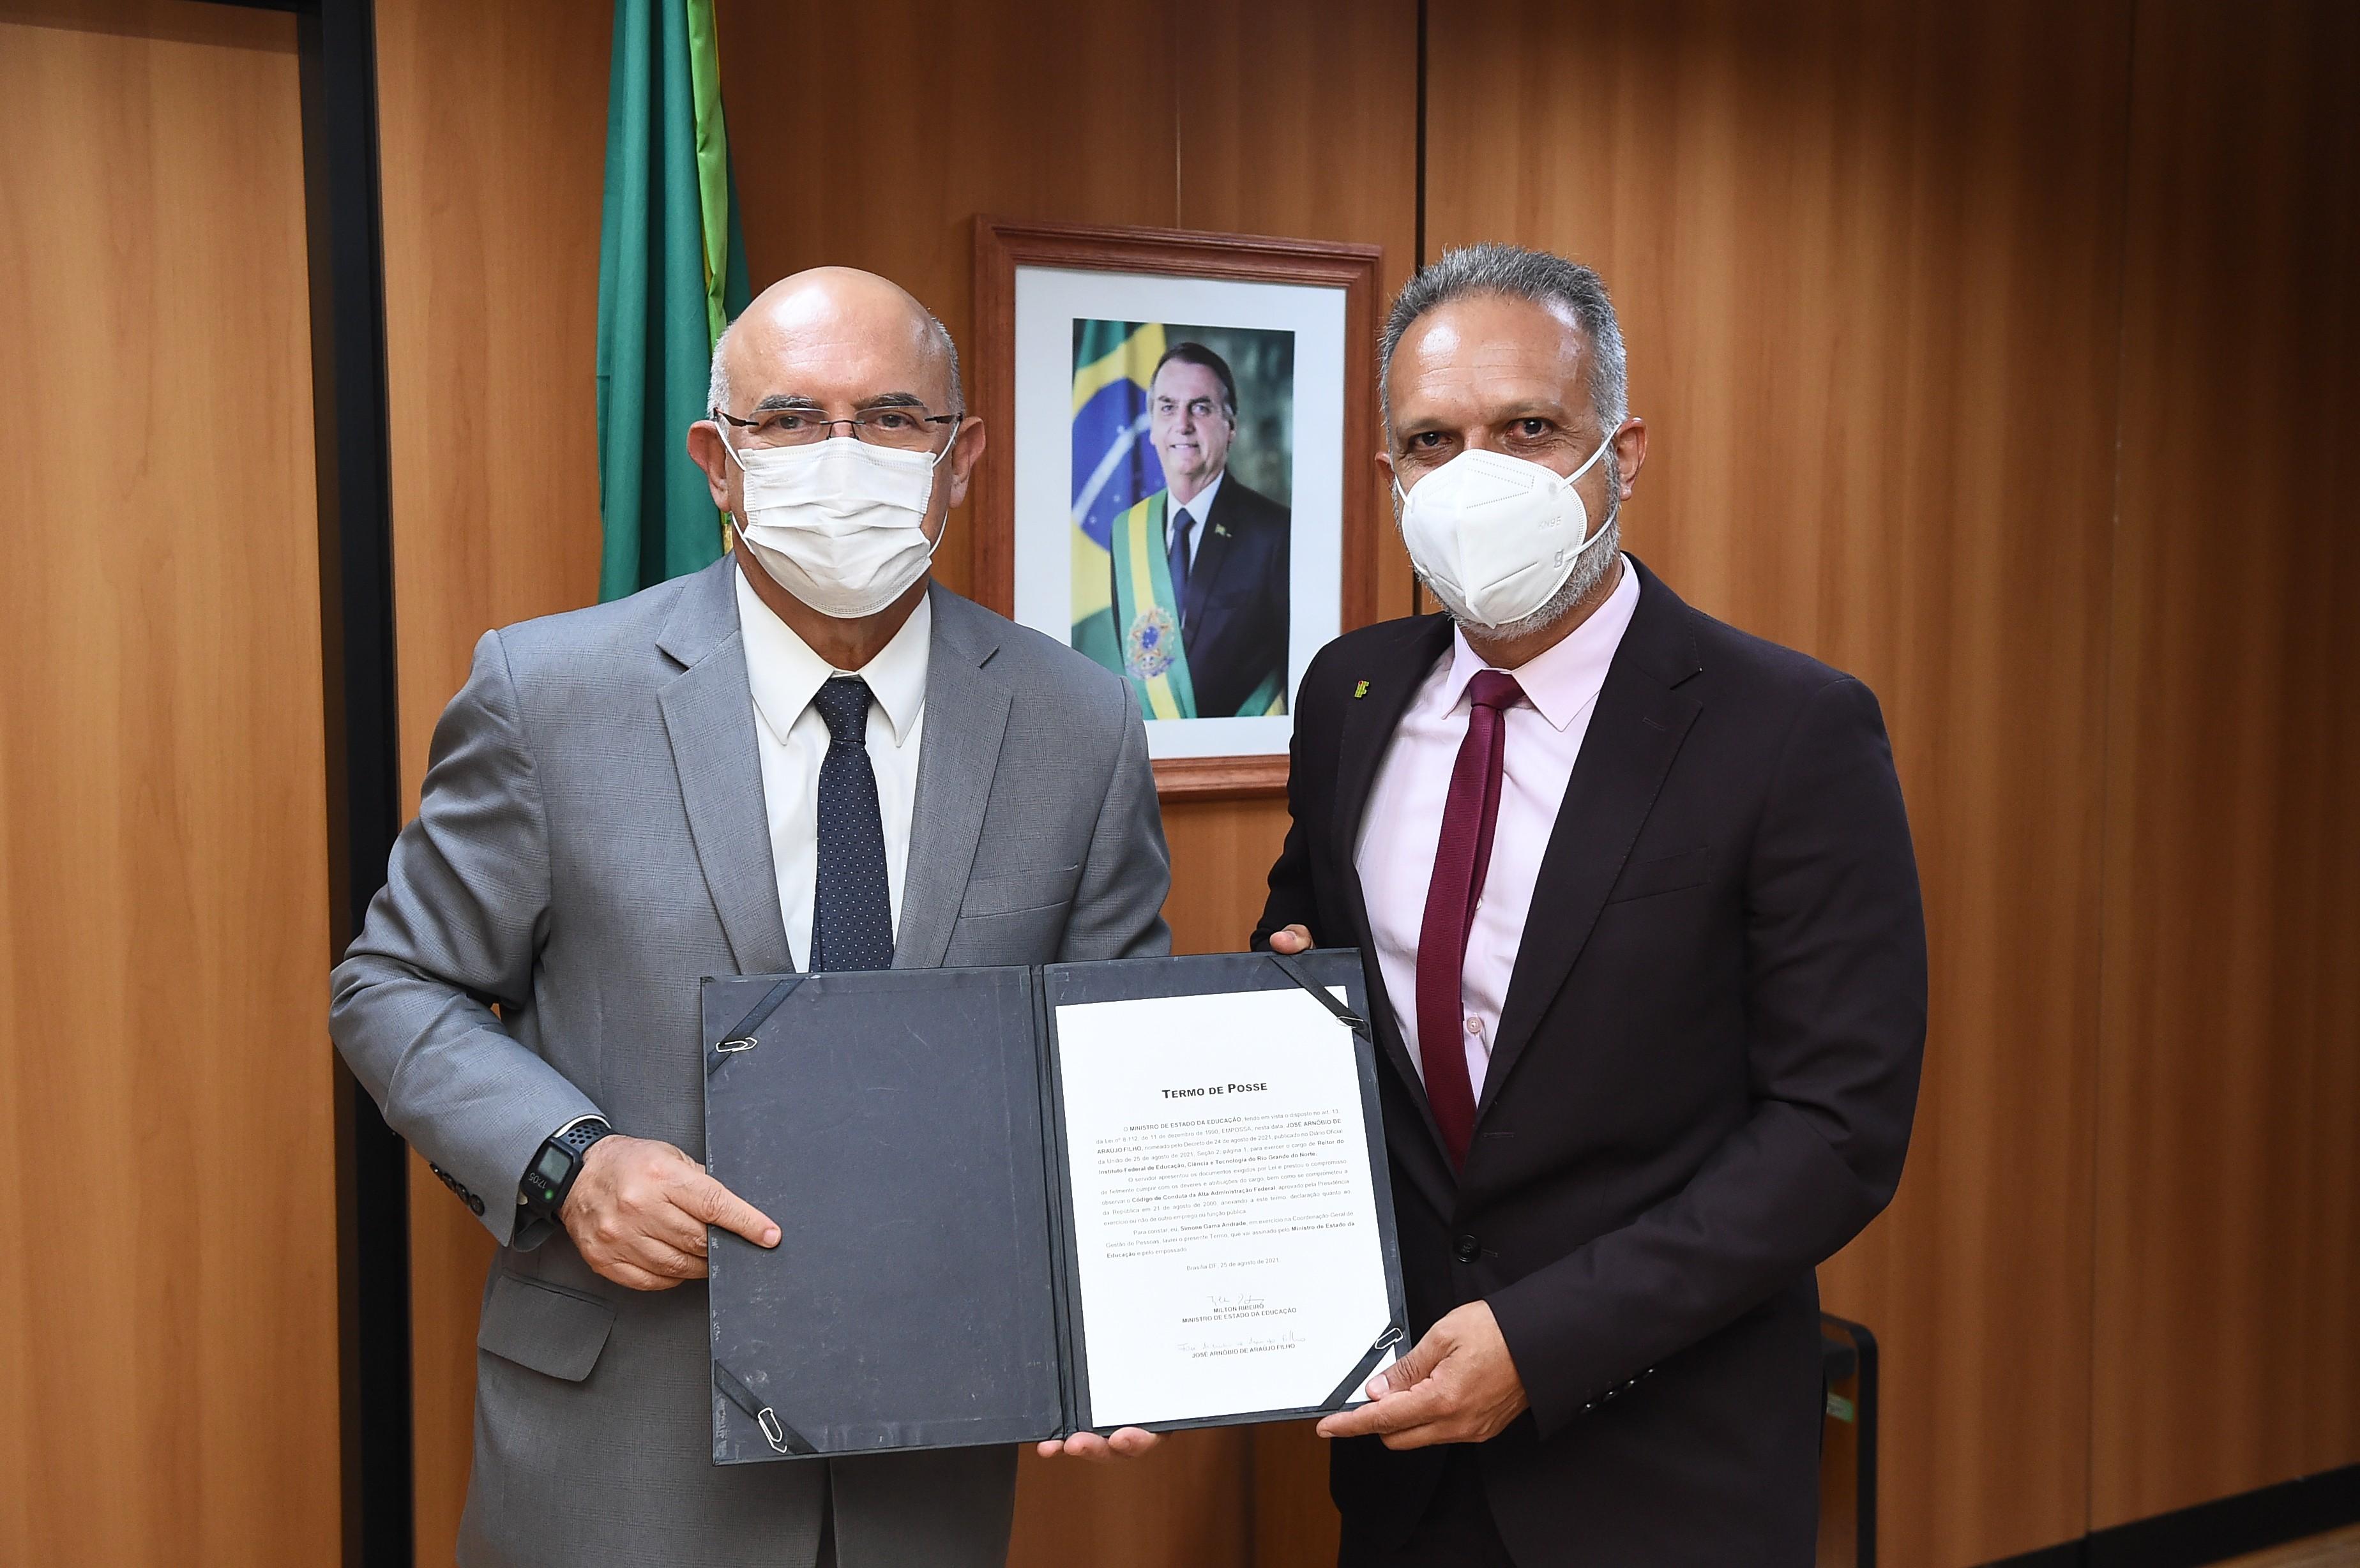 Reitor do IFRN é empossado pelo ministro da Educação em Brasília